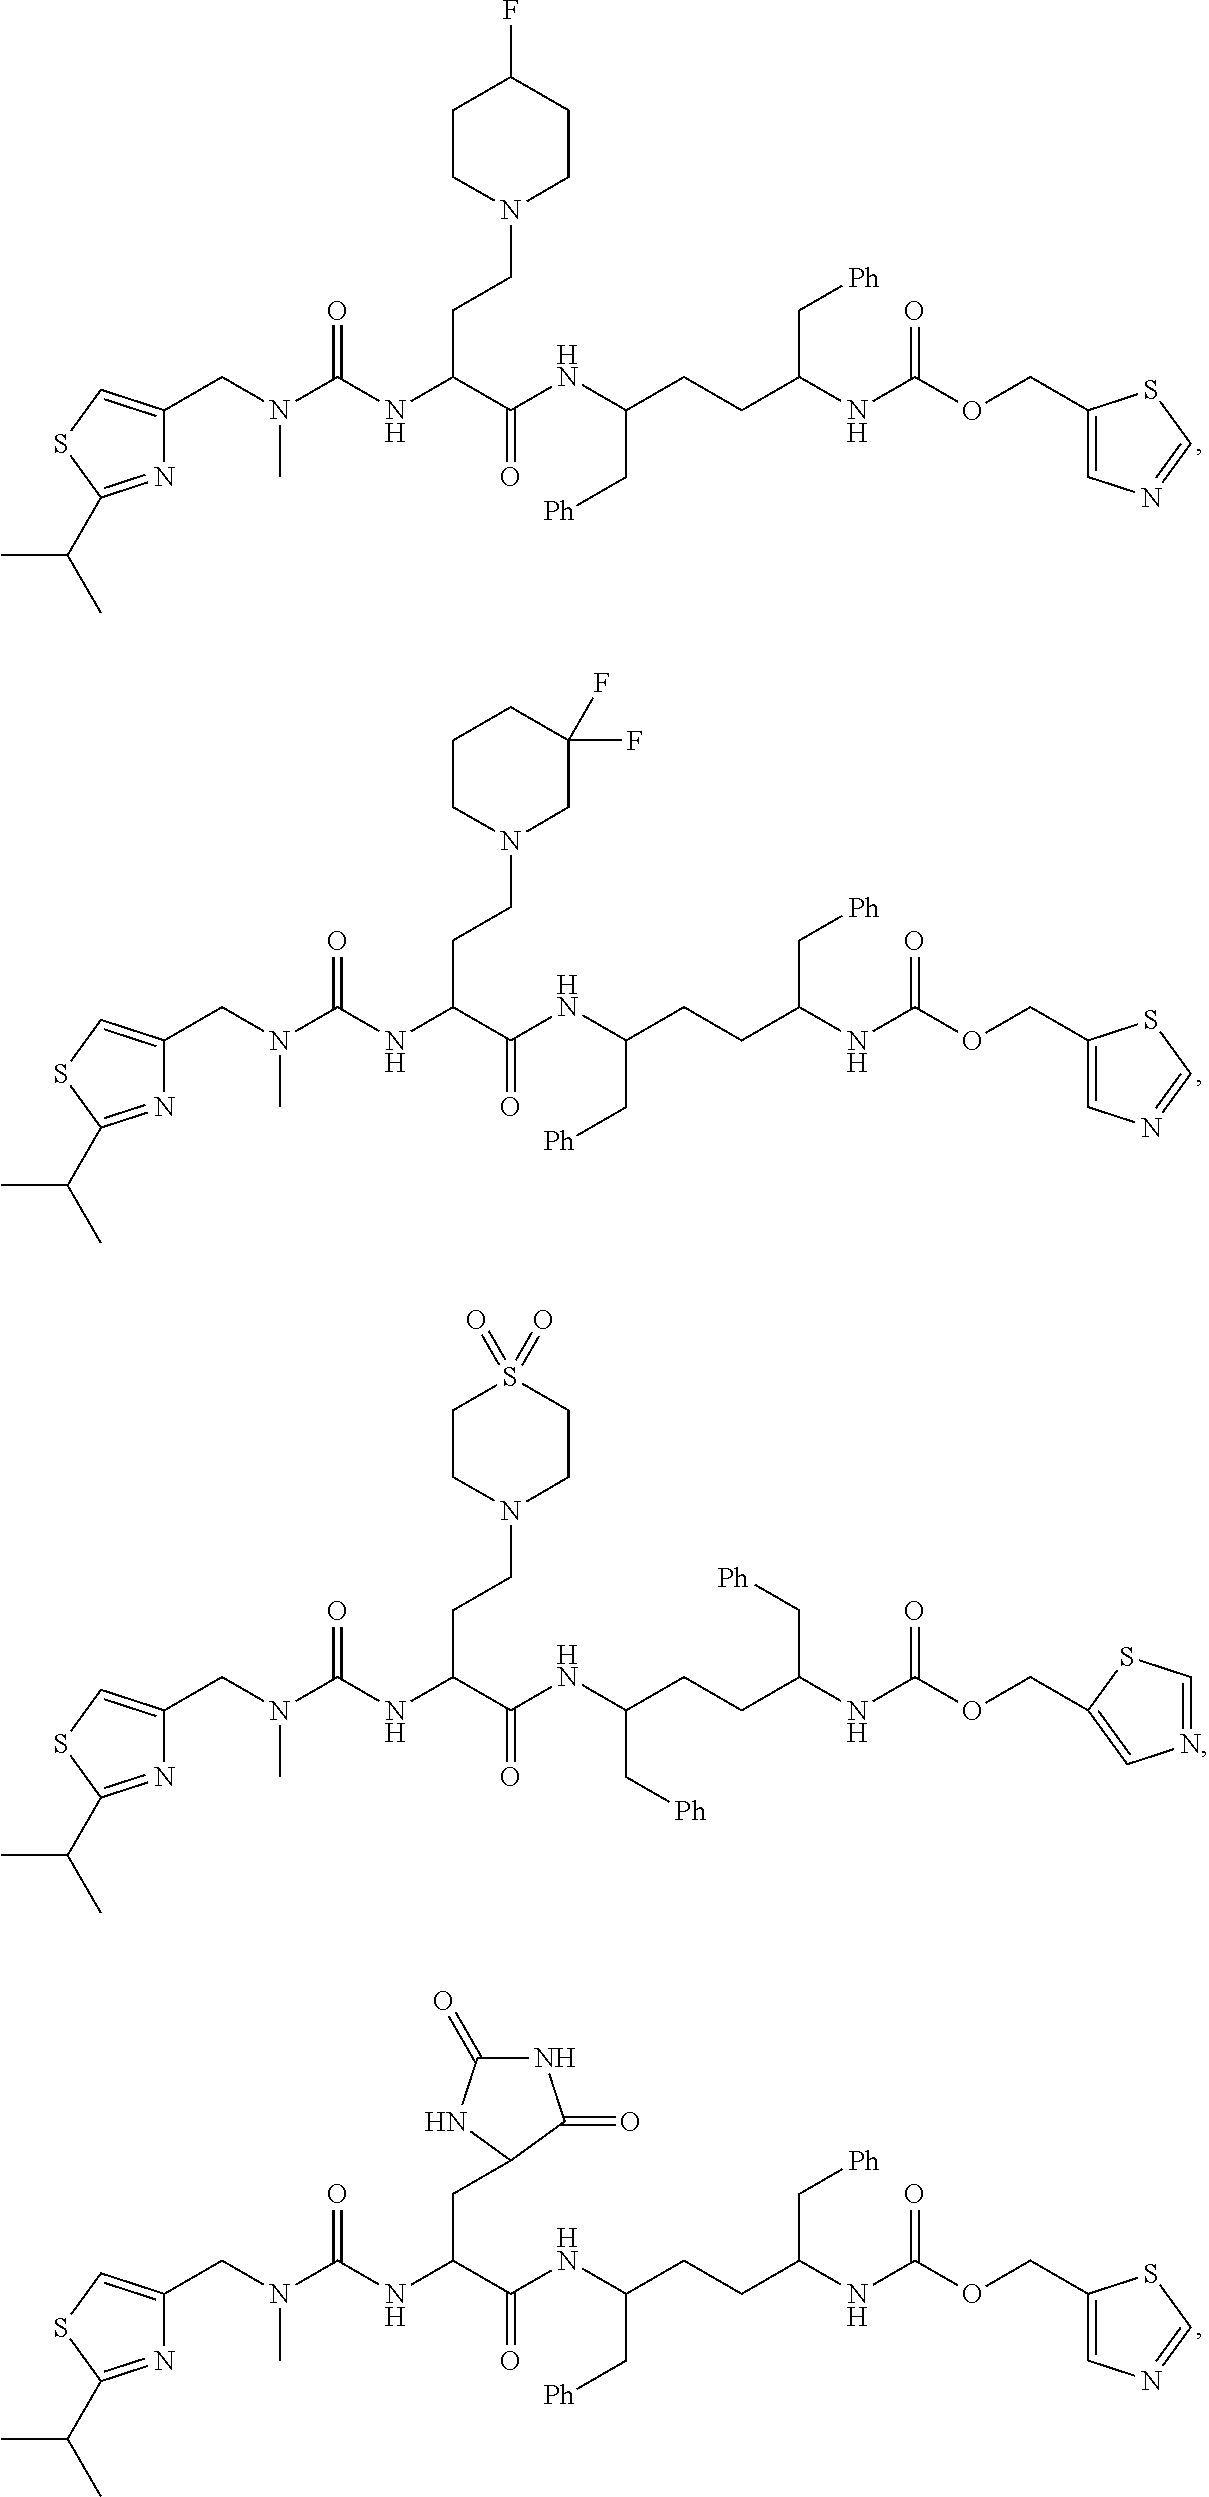 Figure US09891239-20180213-C00081